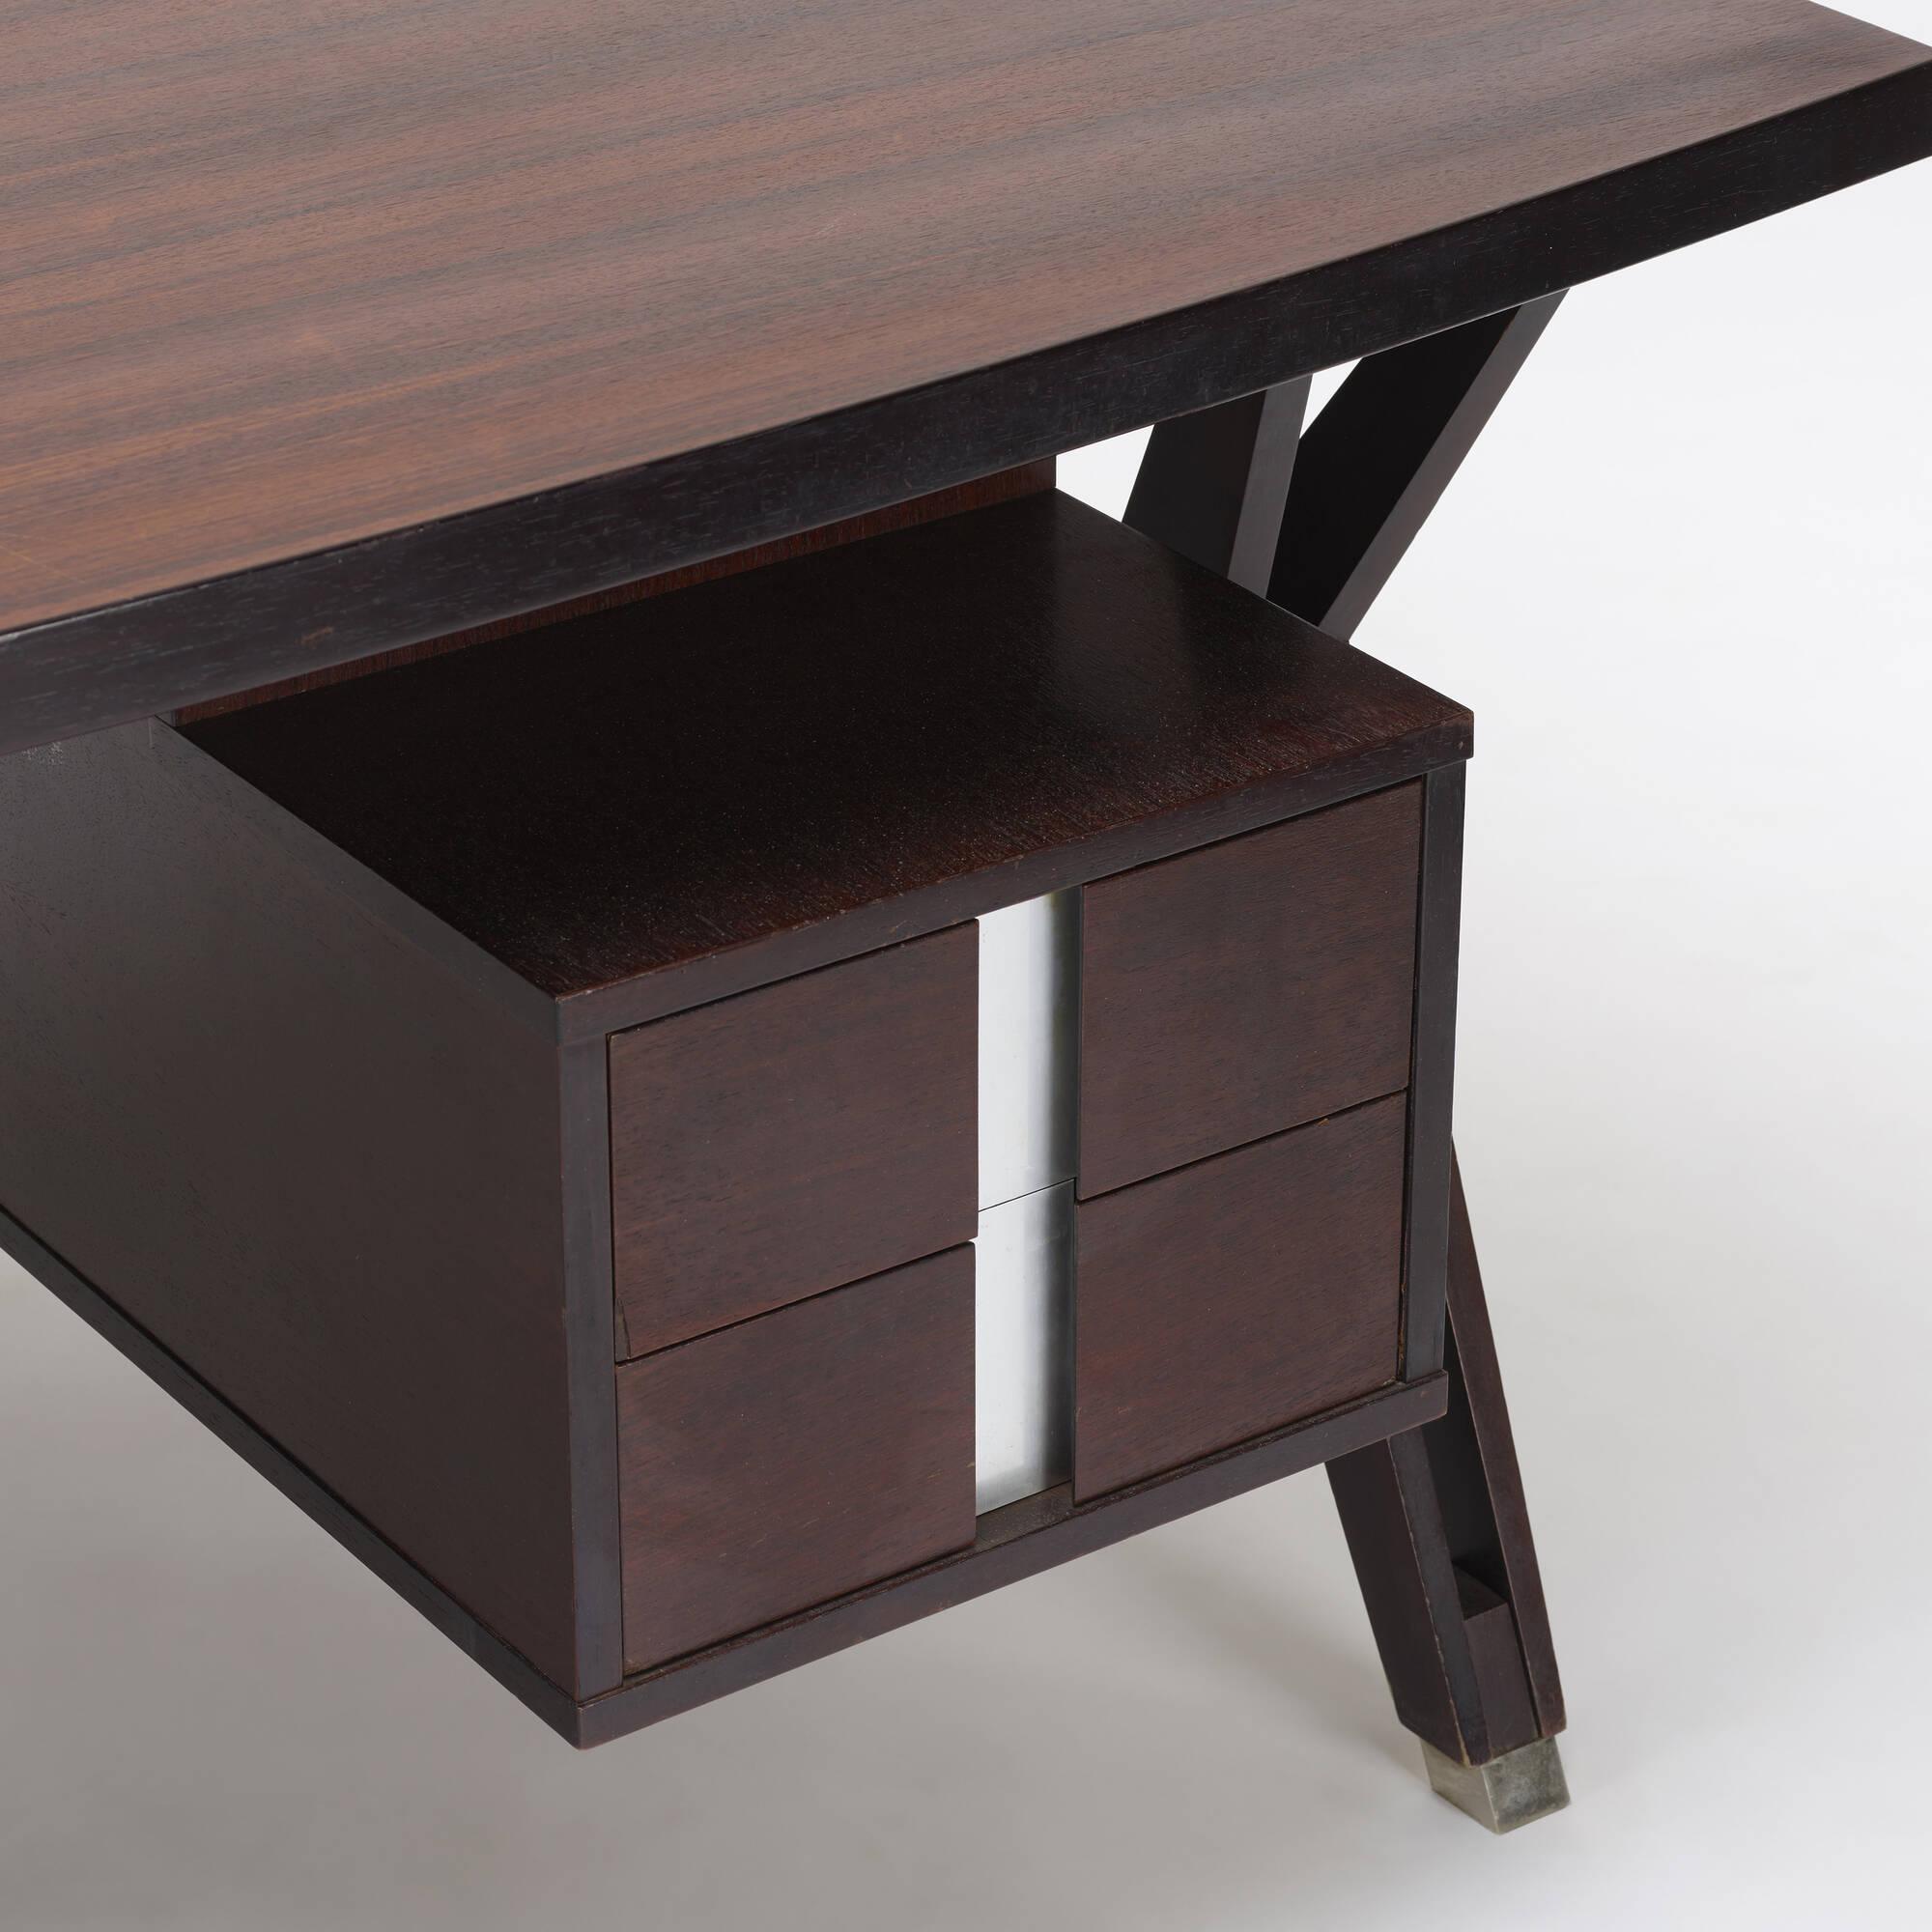 235: Ico and Luisa Parisi / Terni desk (4 of 4)